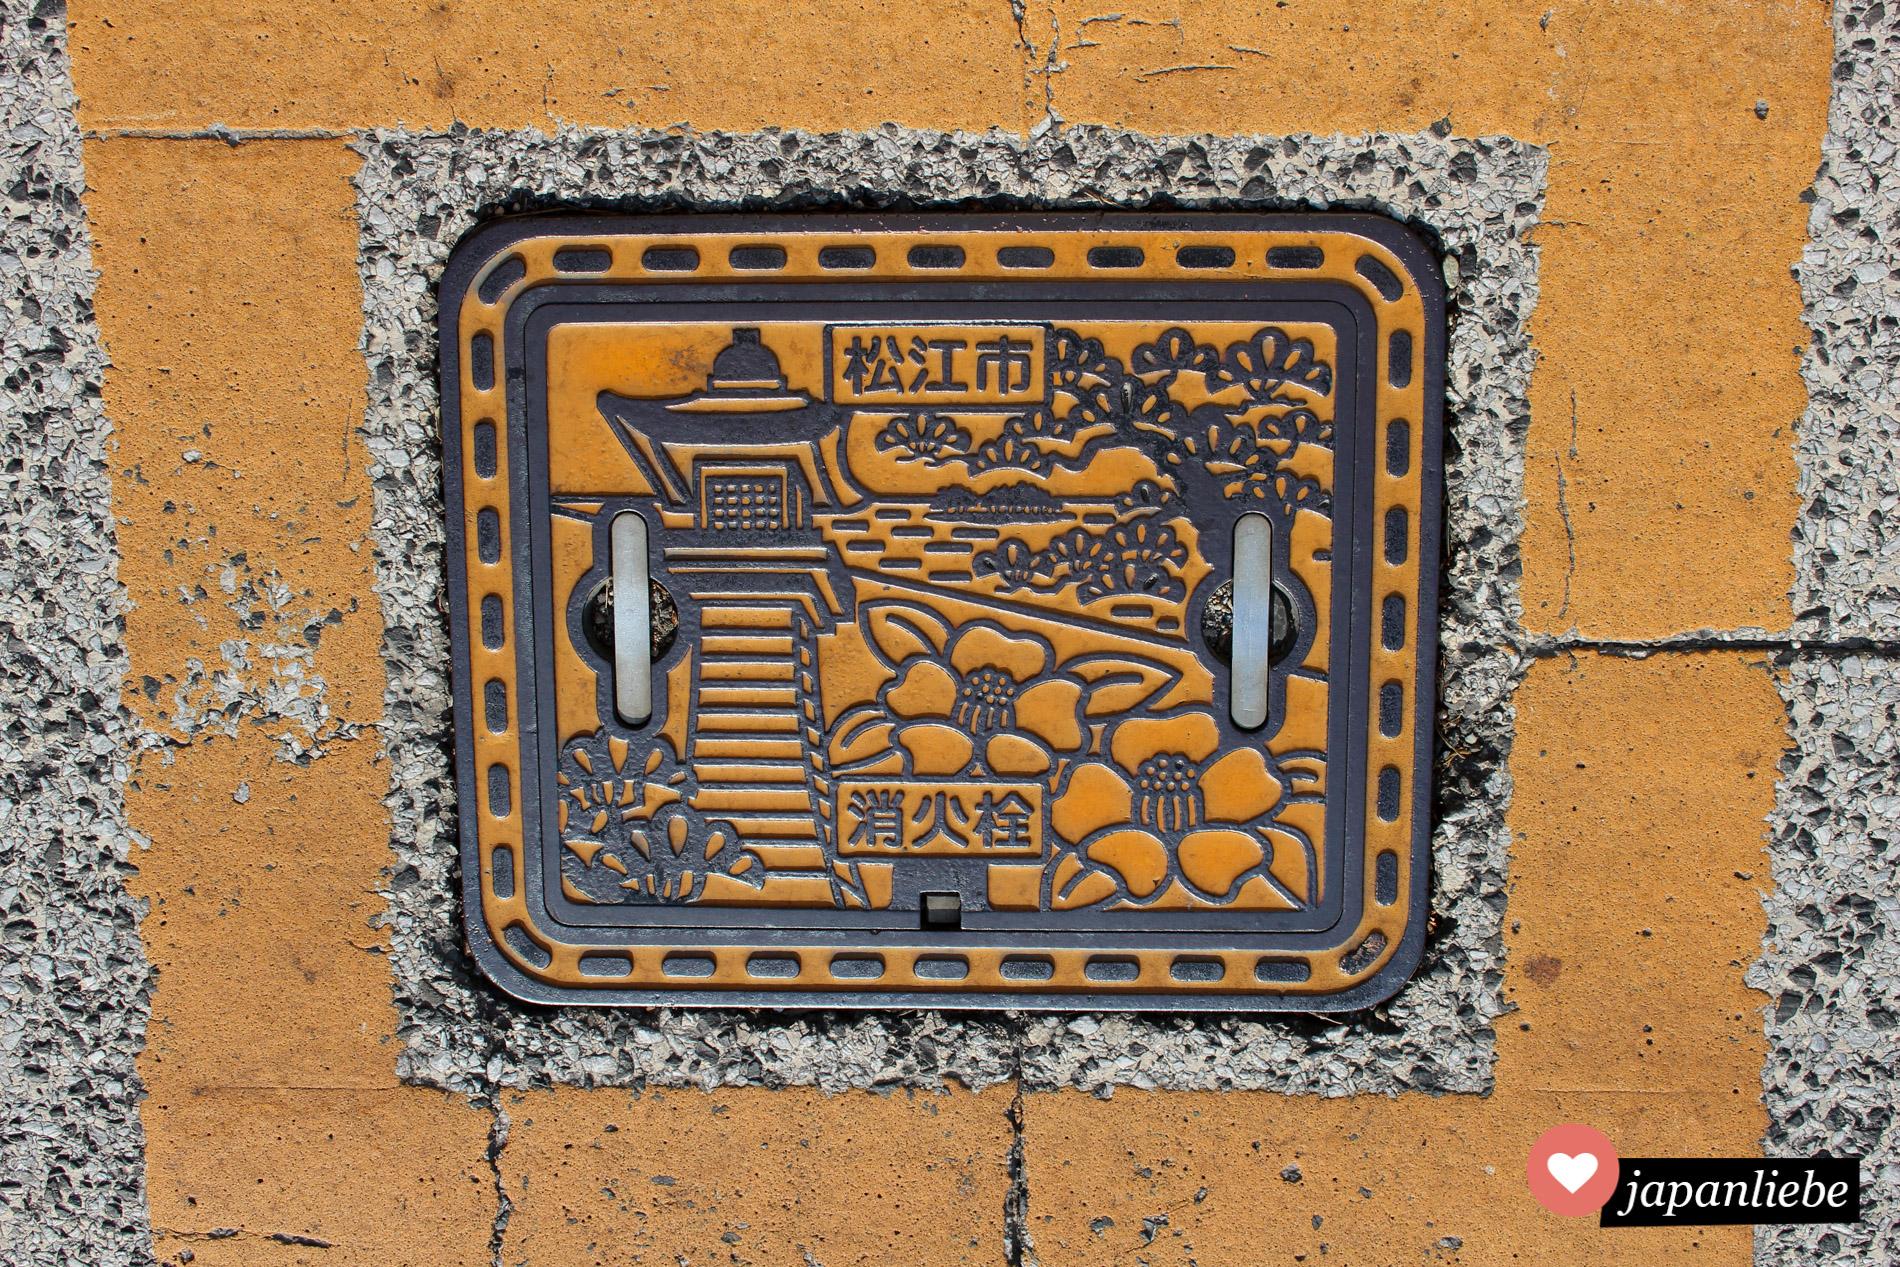 Die Abdeckung zum Löschwassersystem der Stadt Matsue an Japans Westküste.